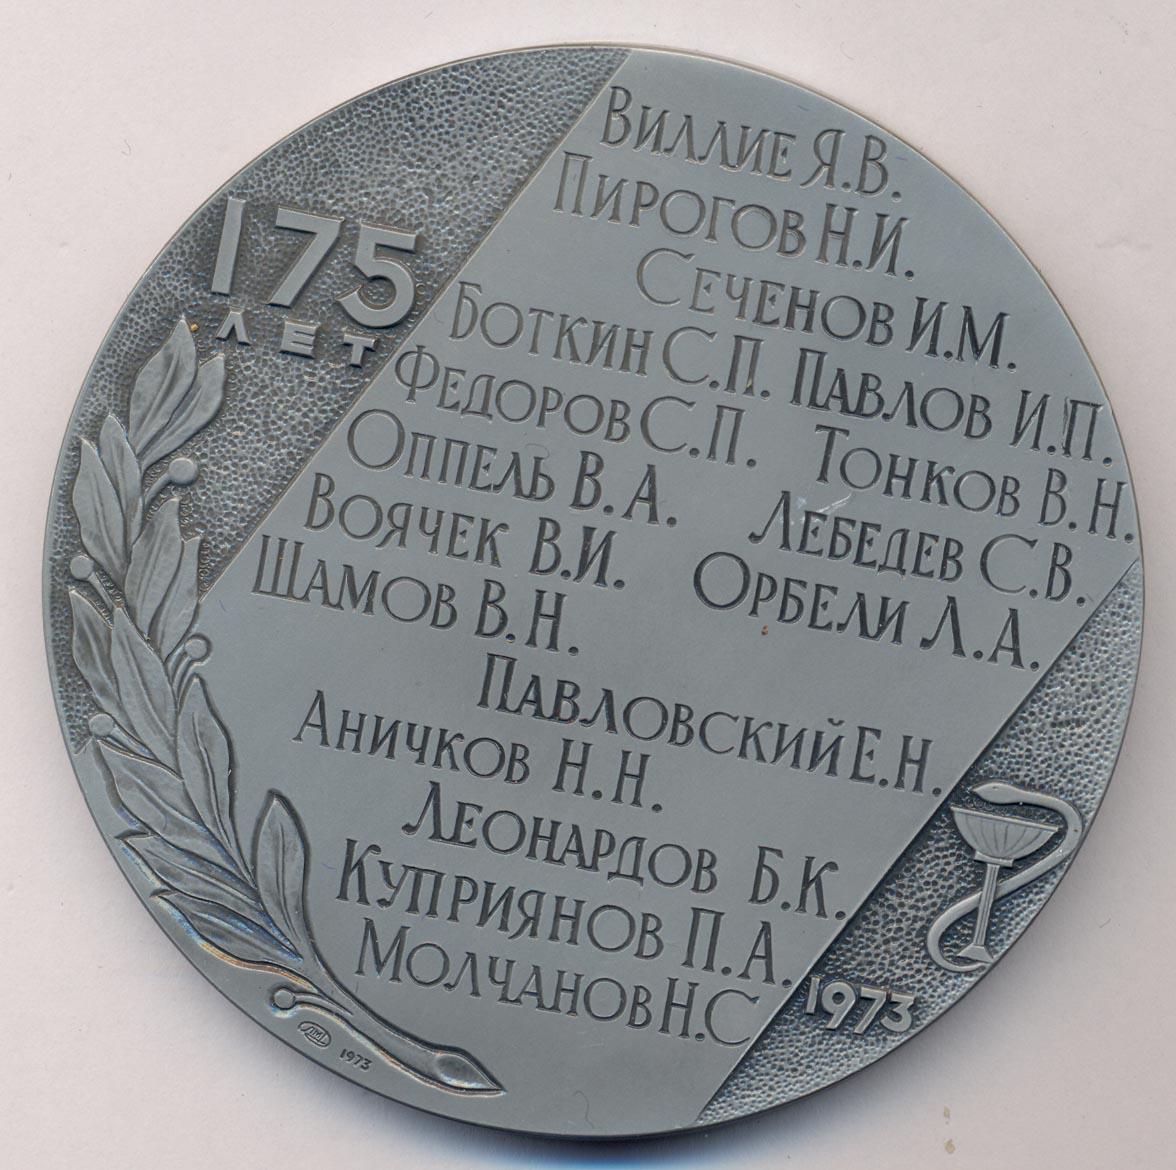 военно-медецинская академия им кирова: